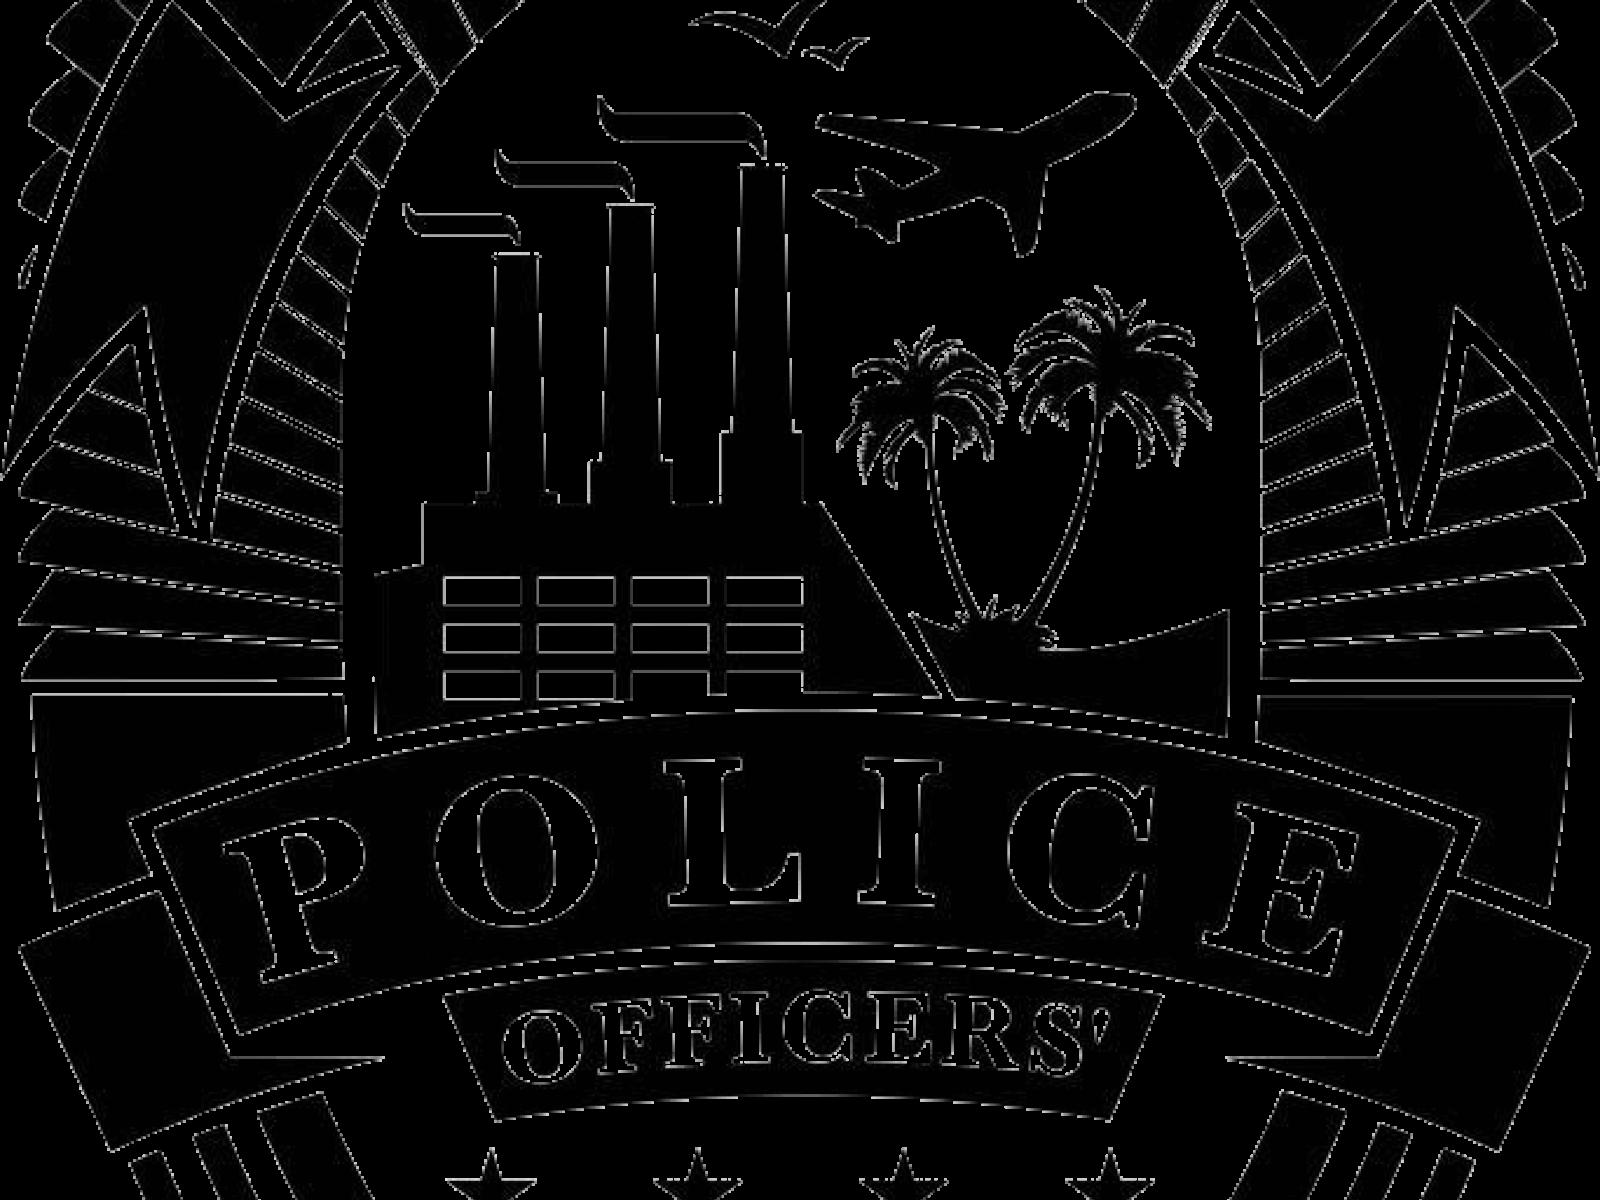 El Segundo Police Officers' Association